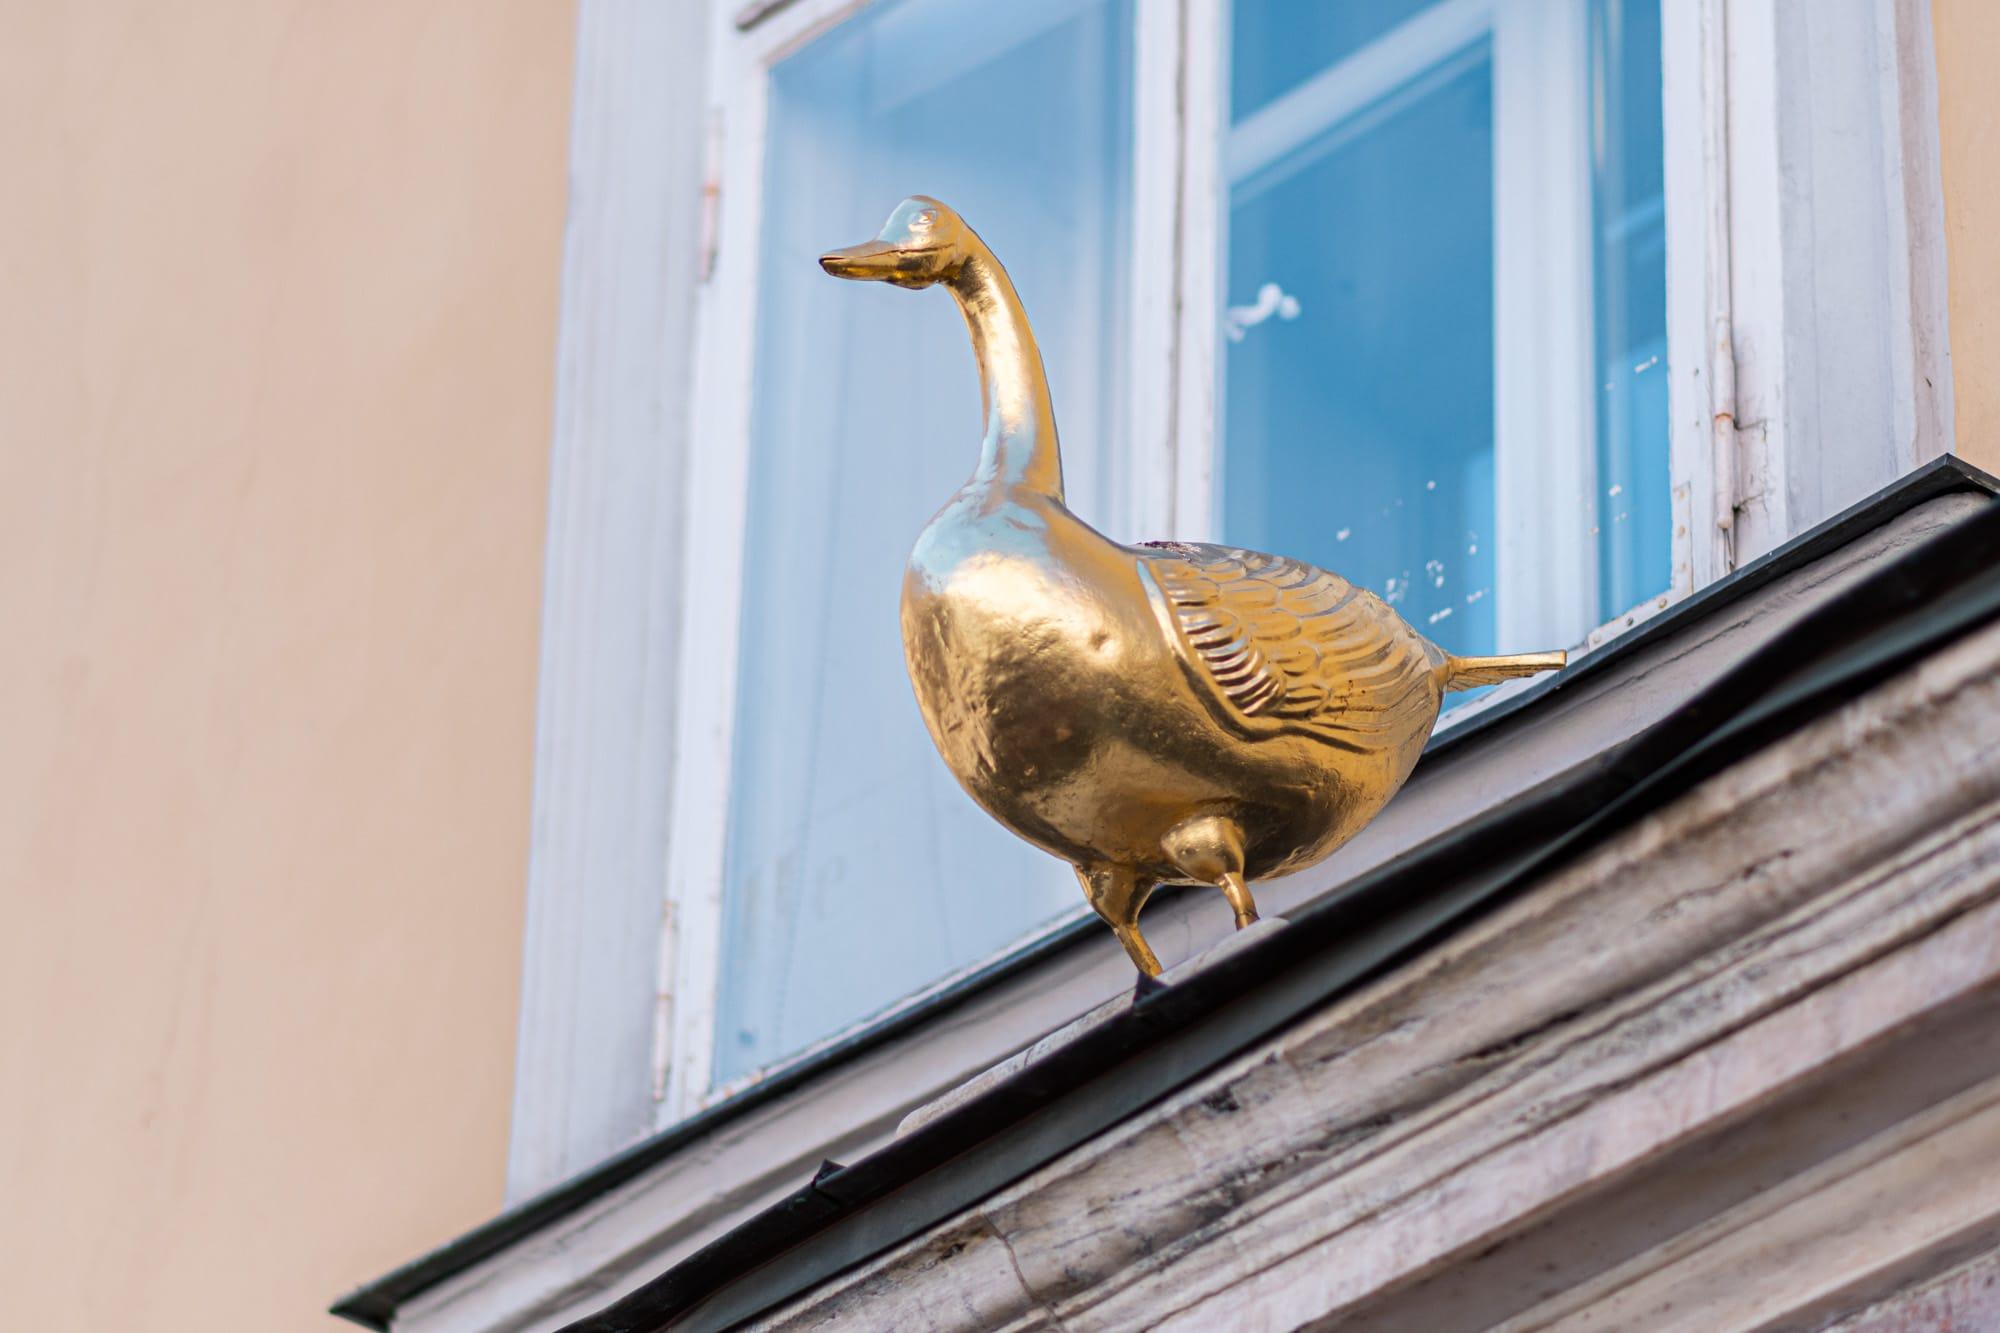 Goldene Gans, Alter Platz, Tiere in der Stadt, 9020 Klagenfurt am Wörthersee, Sehenswürdigkeiten